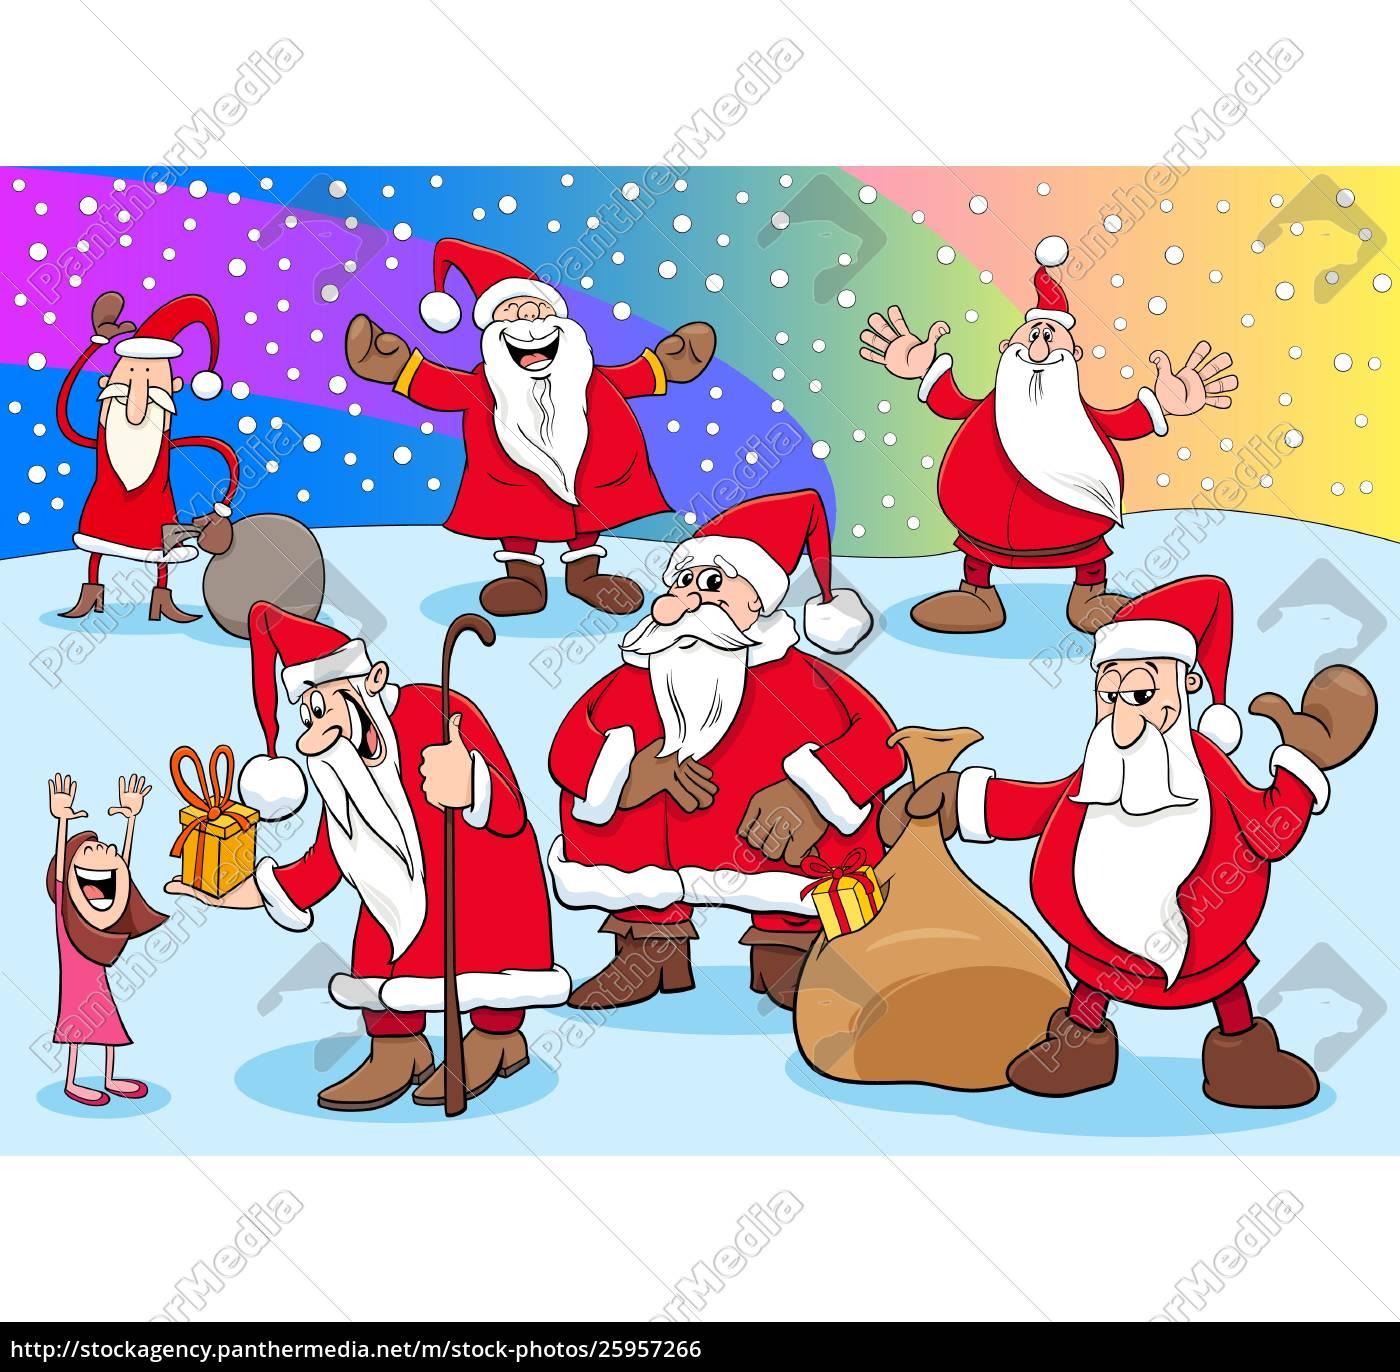 Royalty free vector 25957266 , Christmas Santa Claus cartoon characters  group